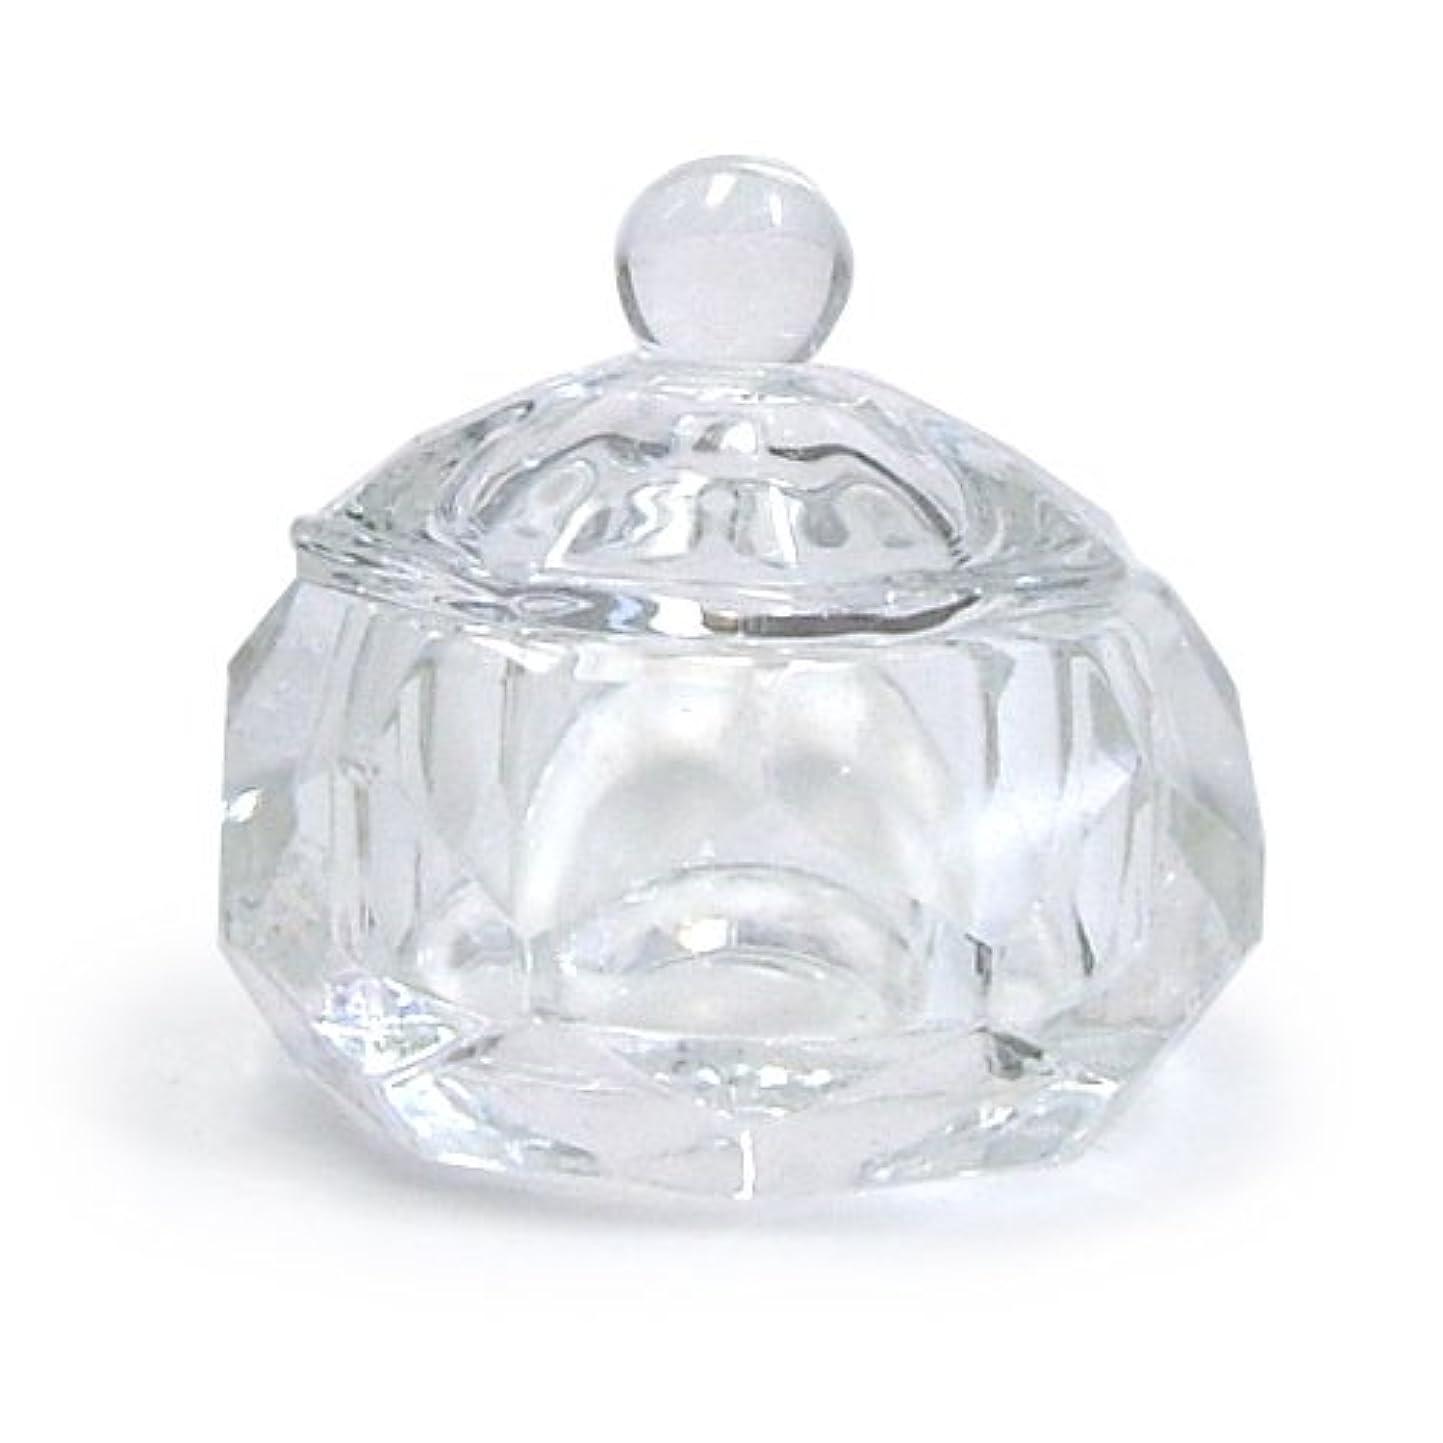 道徳変形するエールダッペンディッシュ フタ付き (ガラス製)